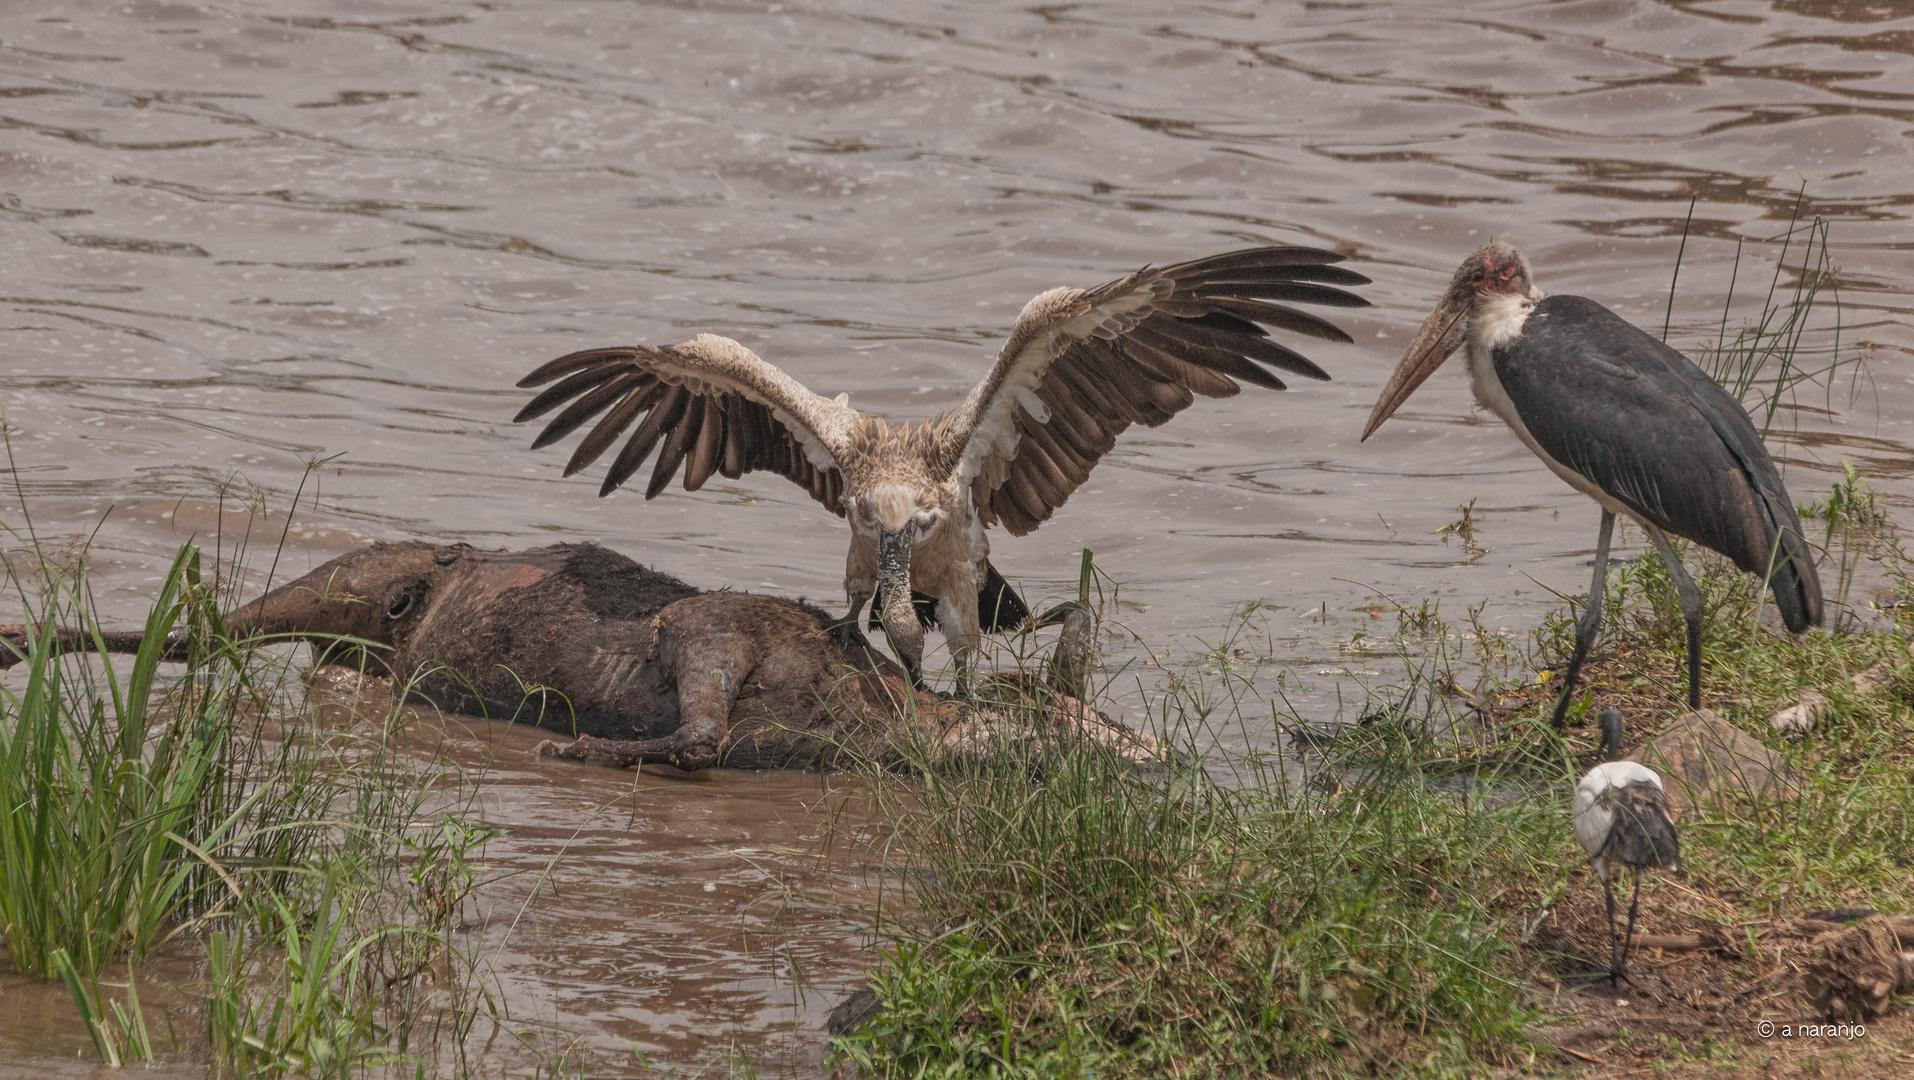 CUERVOS DEL MARA -KENIA